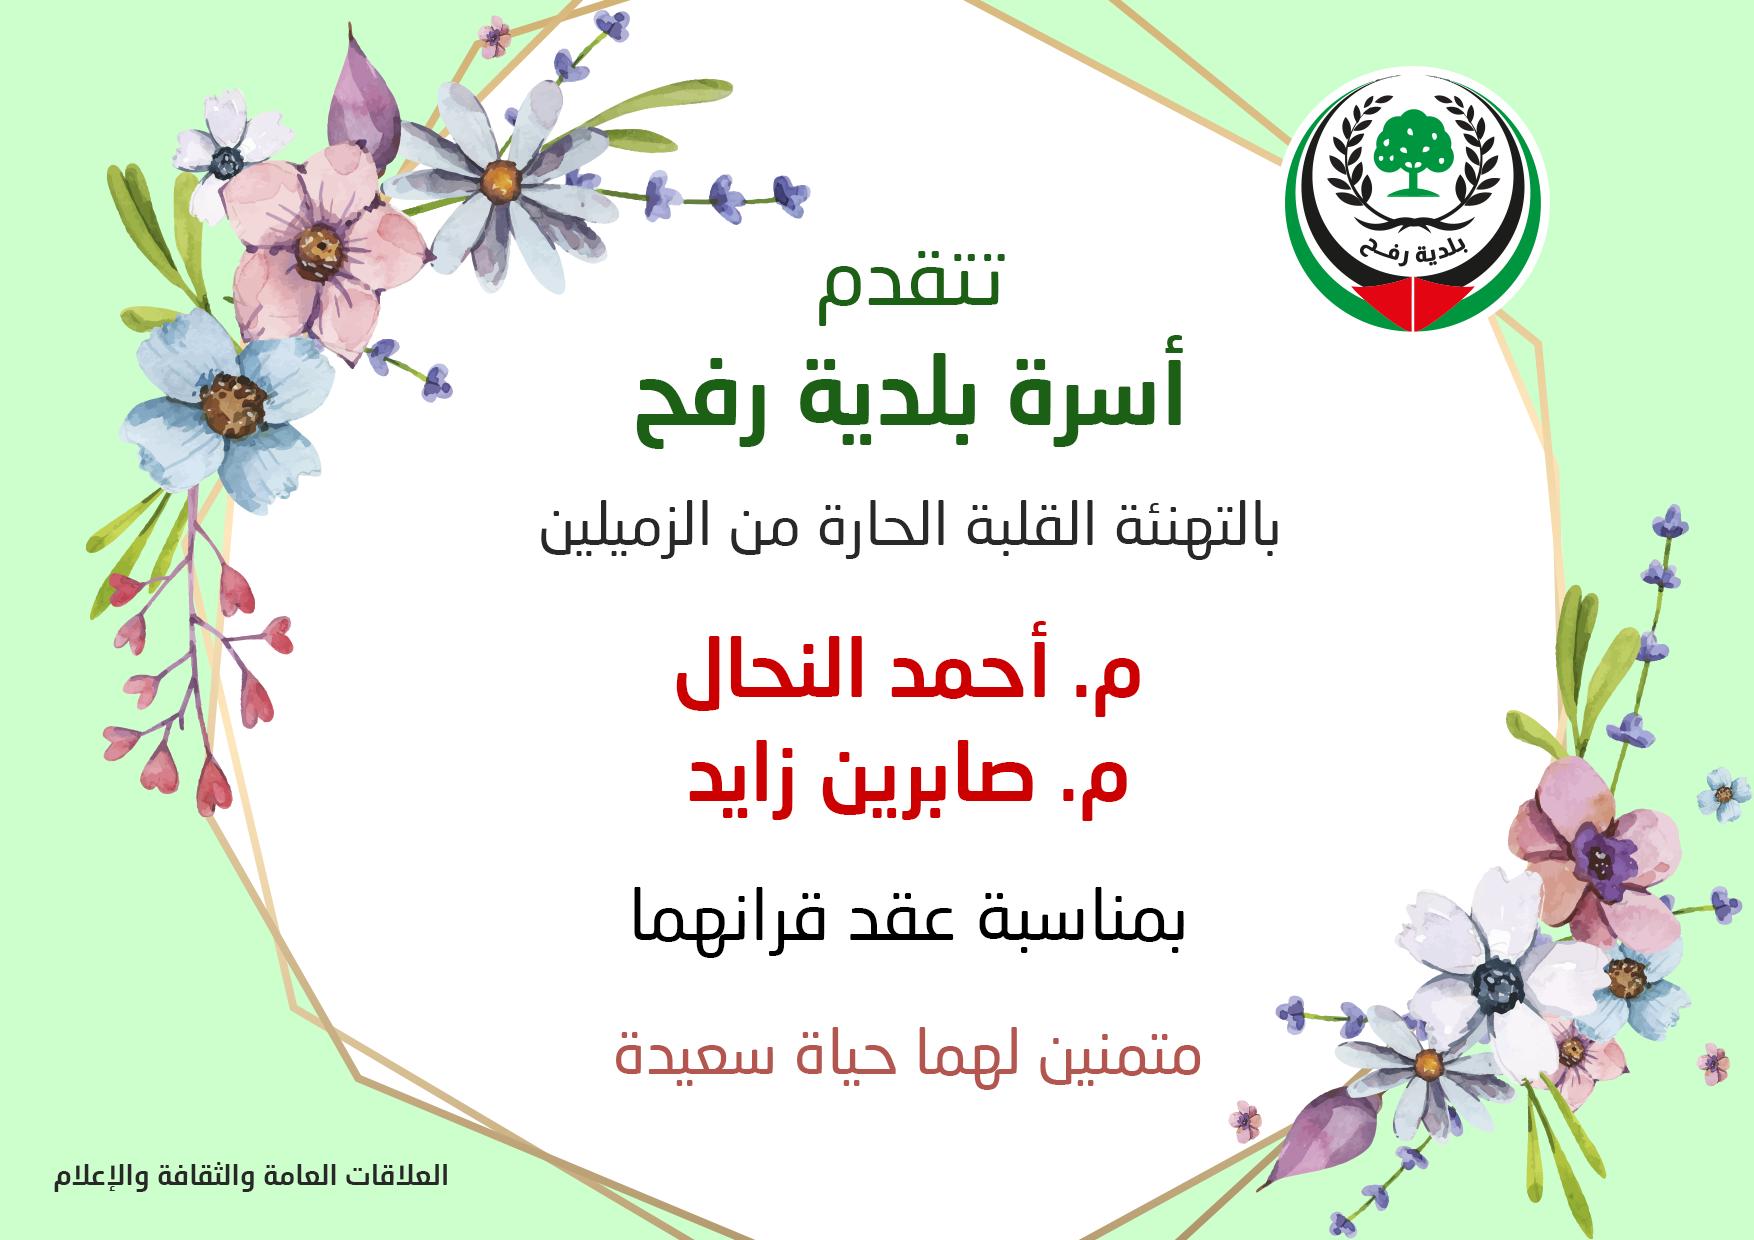 تهنئة للزميلين م. أحمد النحال وم. صابرين زايد بالخطوبة